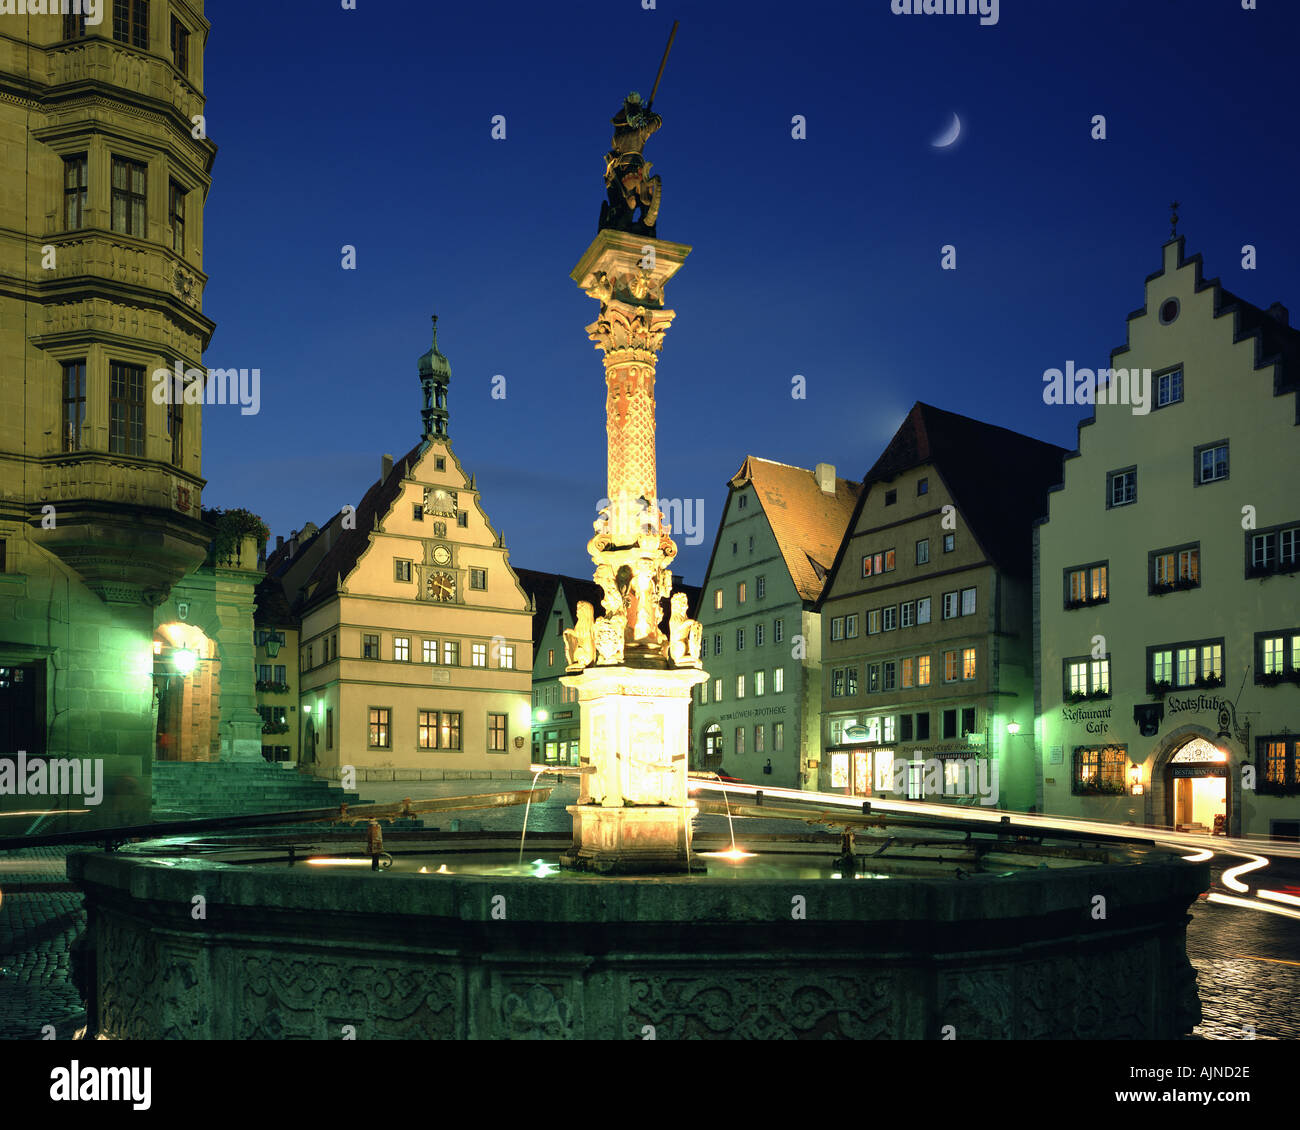 DE - BAVARIA: The Market Square at Rothenburg ob der Tauber - Stock Image